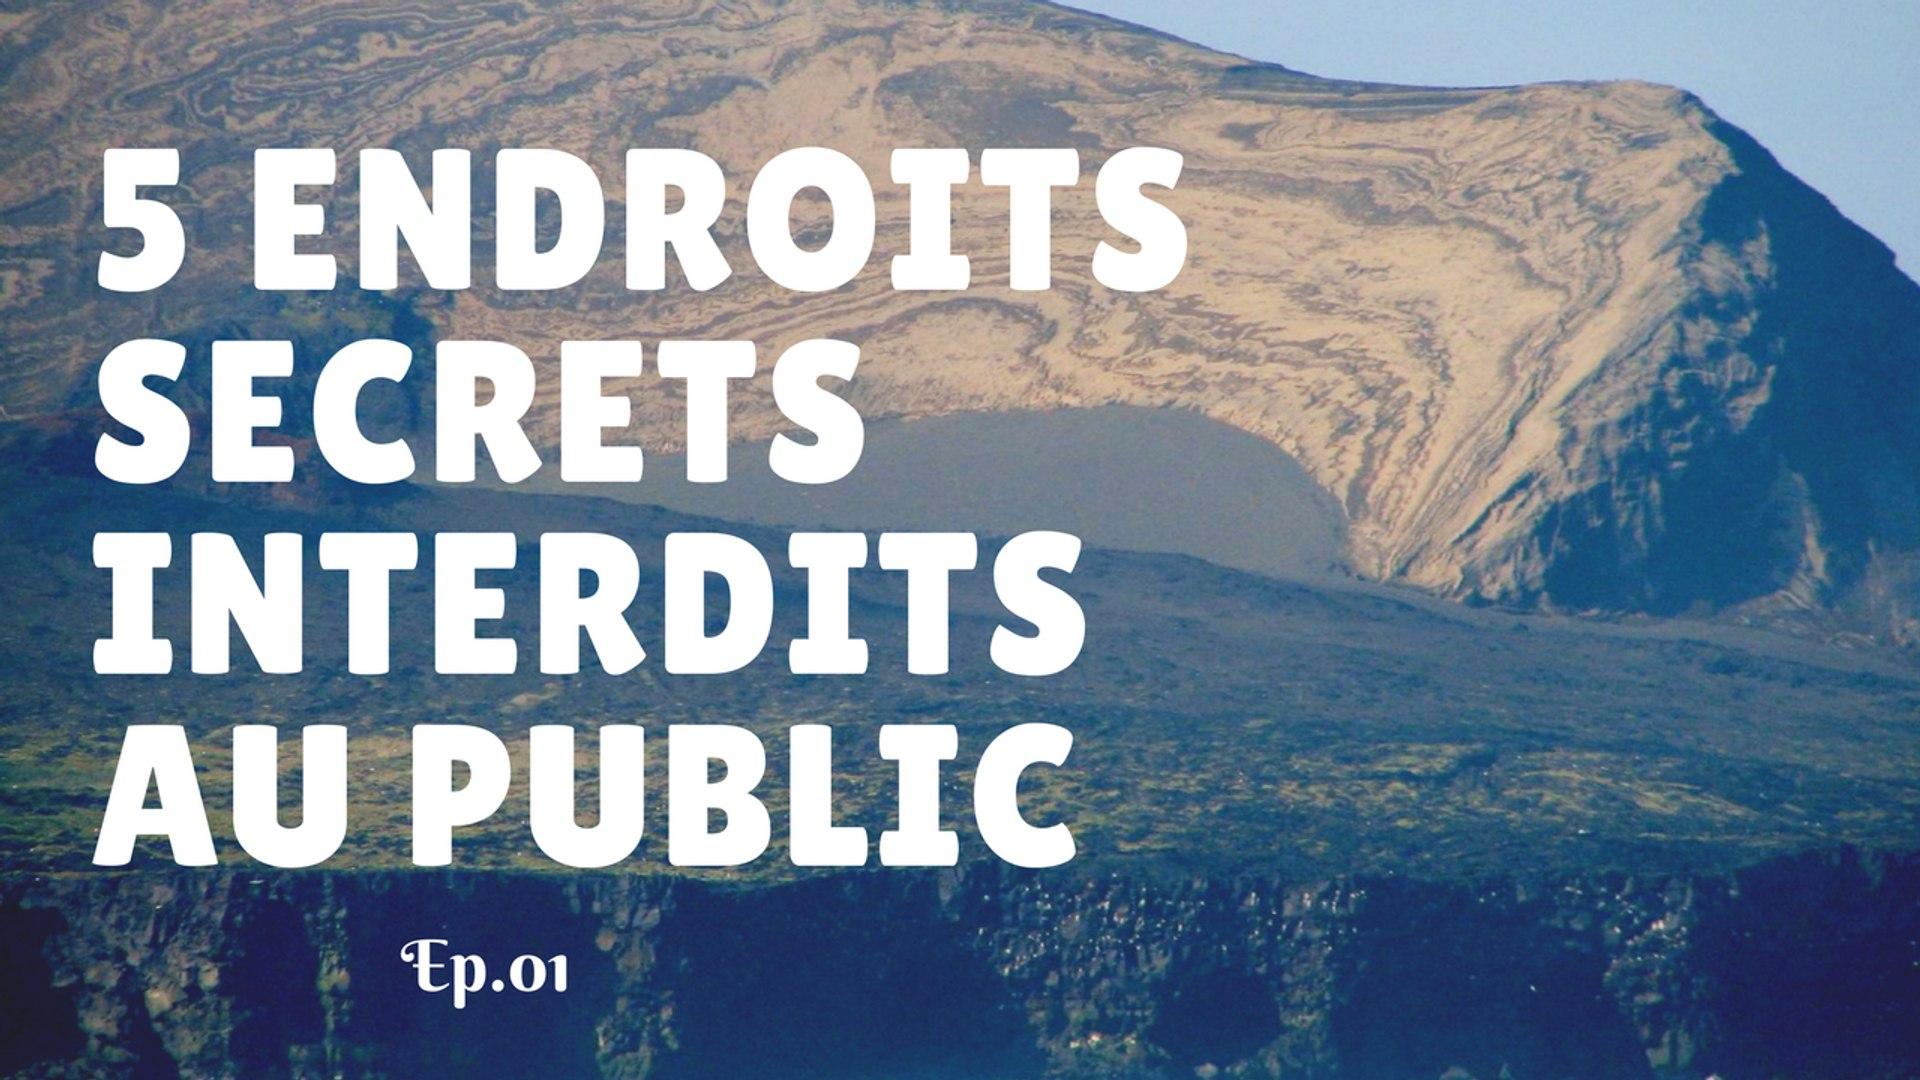 5 Endroits Interdits Aux Touristes Ep1 Video Dailymotion